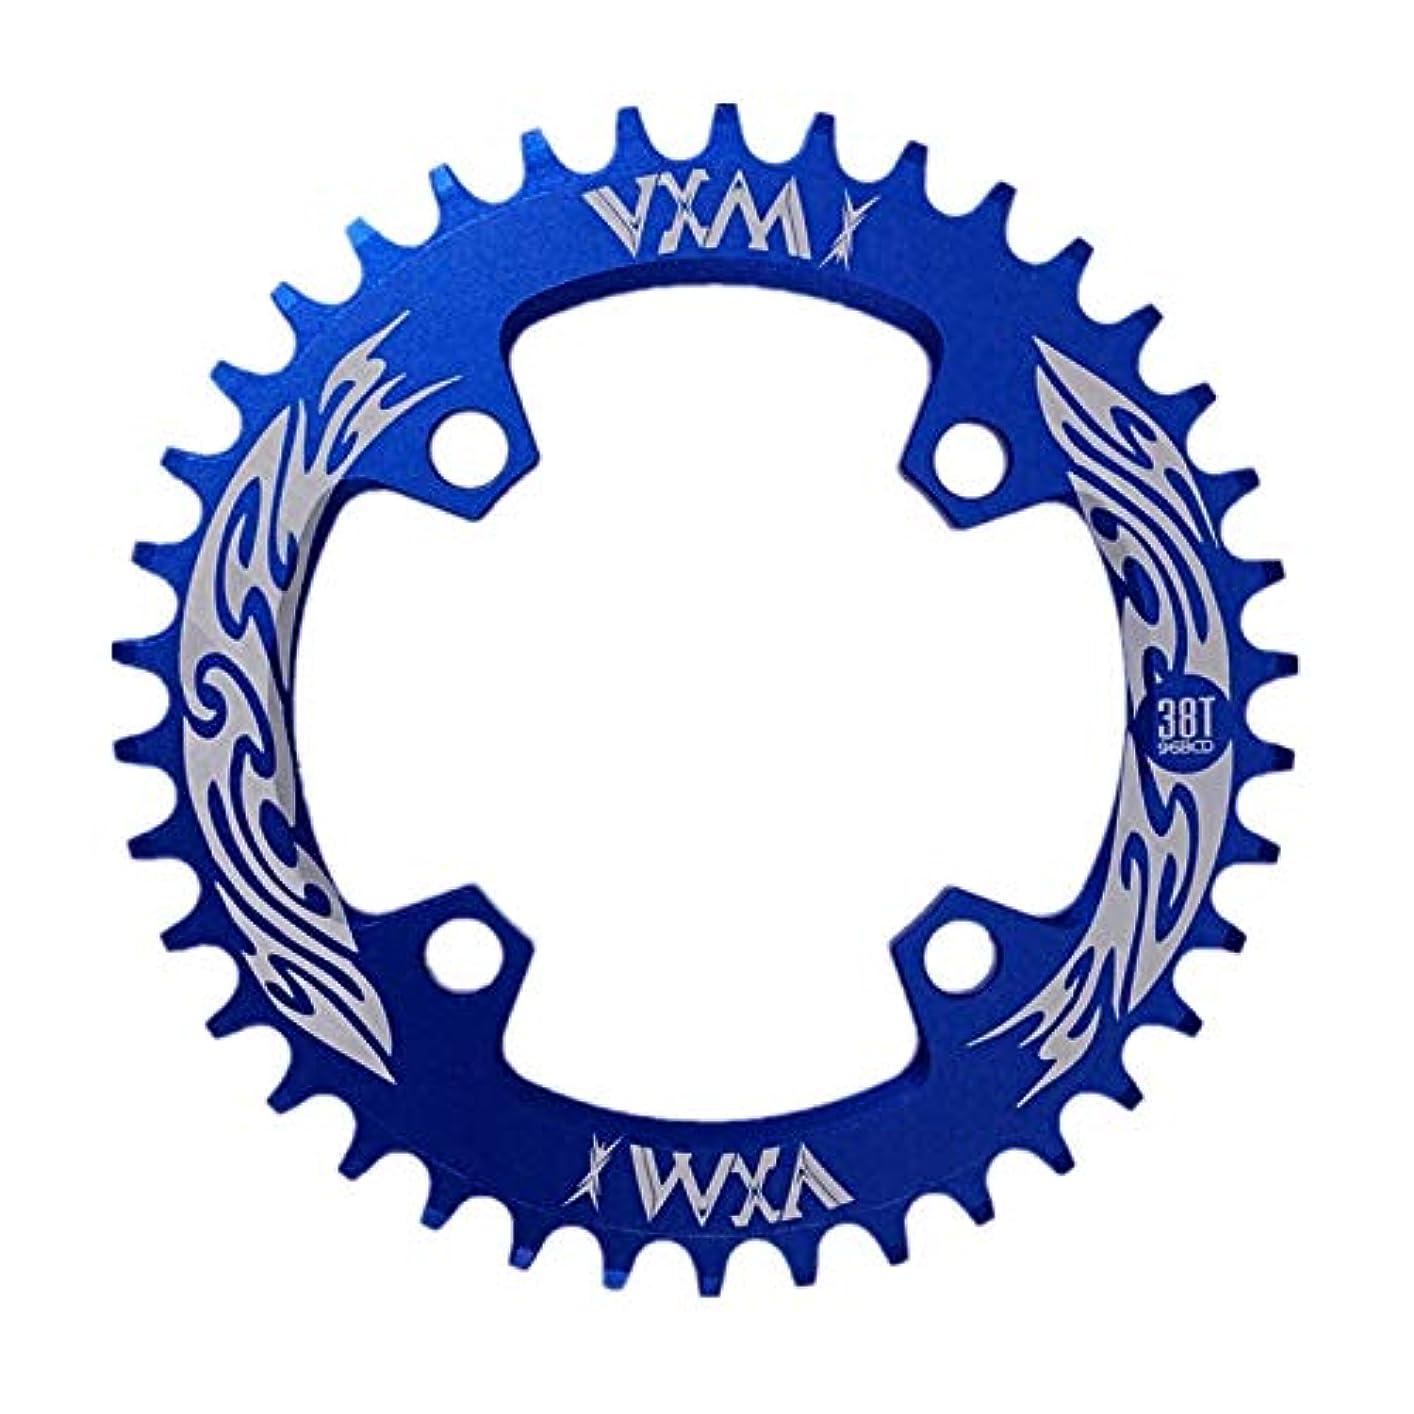 磁石過度に重要なPropenary - Bicycle Crank & Chainwheel 96BCD 38T Ultralight Alloy Bike Bicycle Narrow Wide Chainring Round Chainwheel Cycle Crankset [ Blue ]